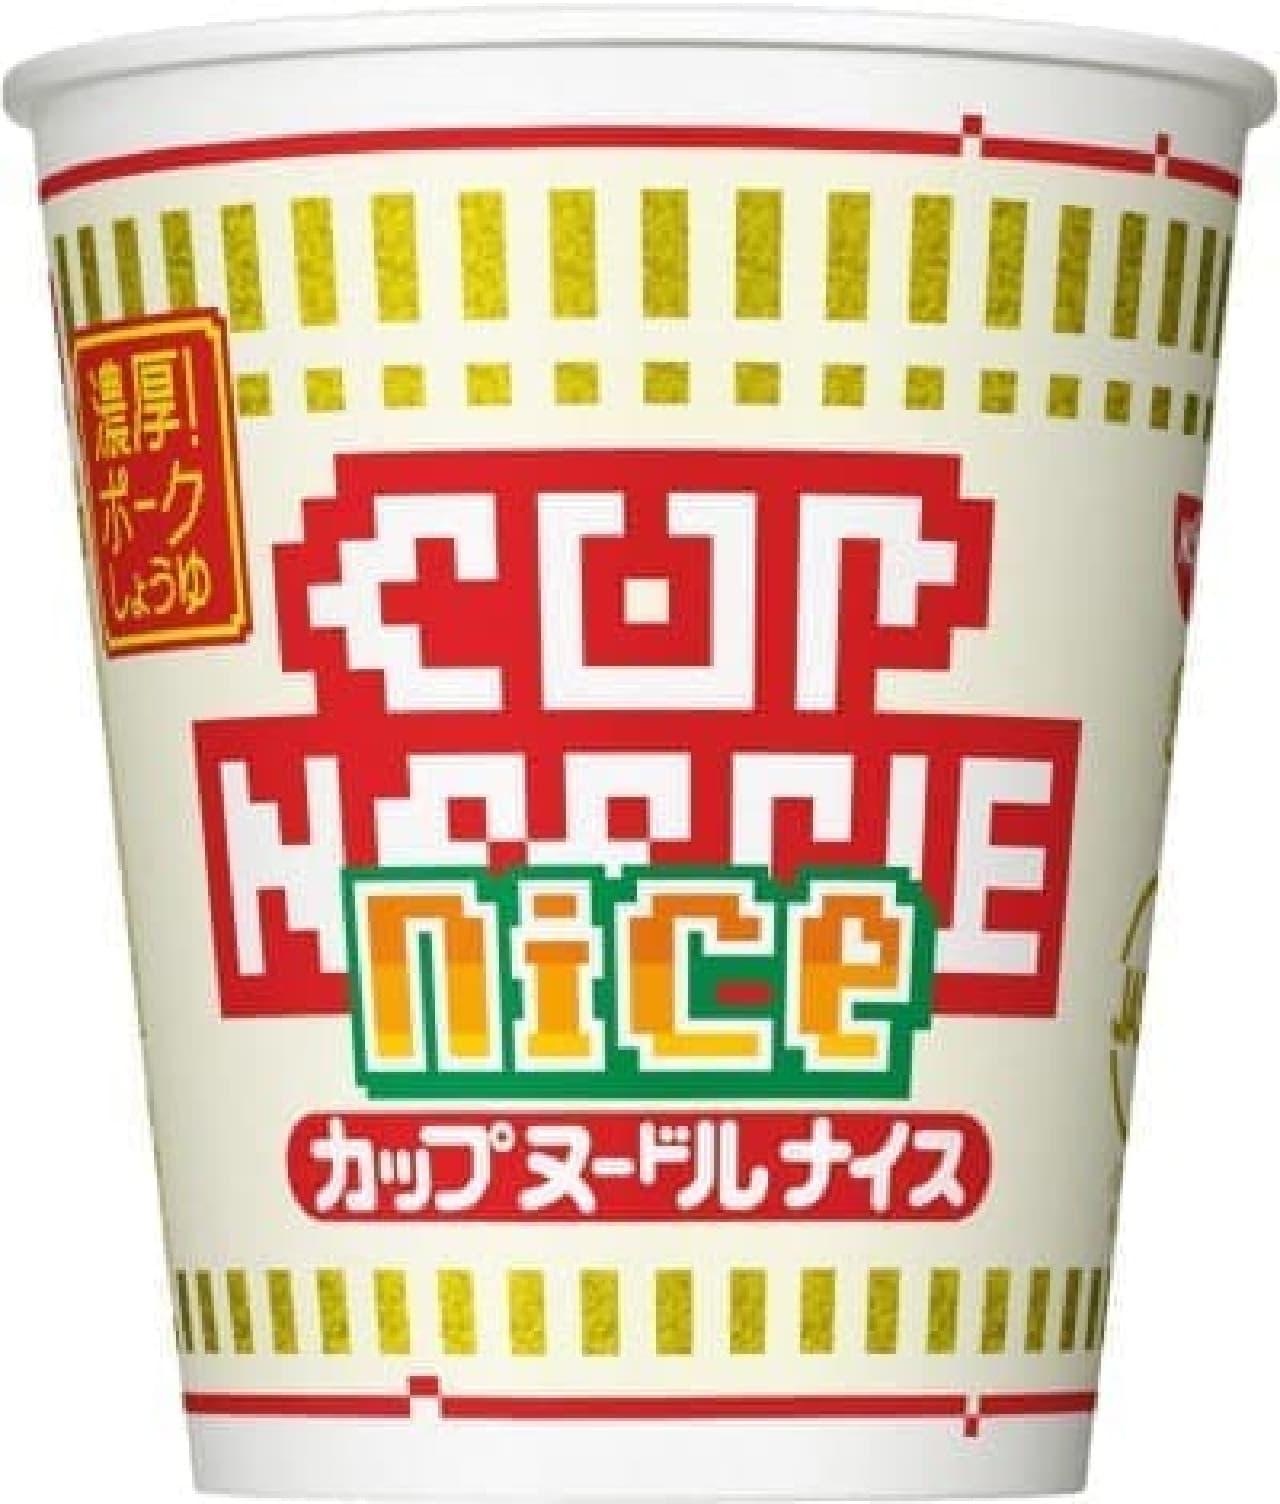 日清食品「カップヌードル ナイス 濃厚!ポークしょうゆ」